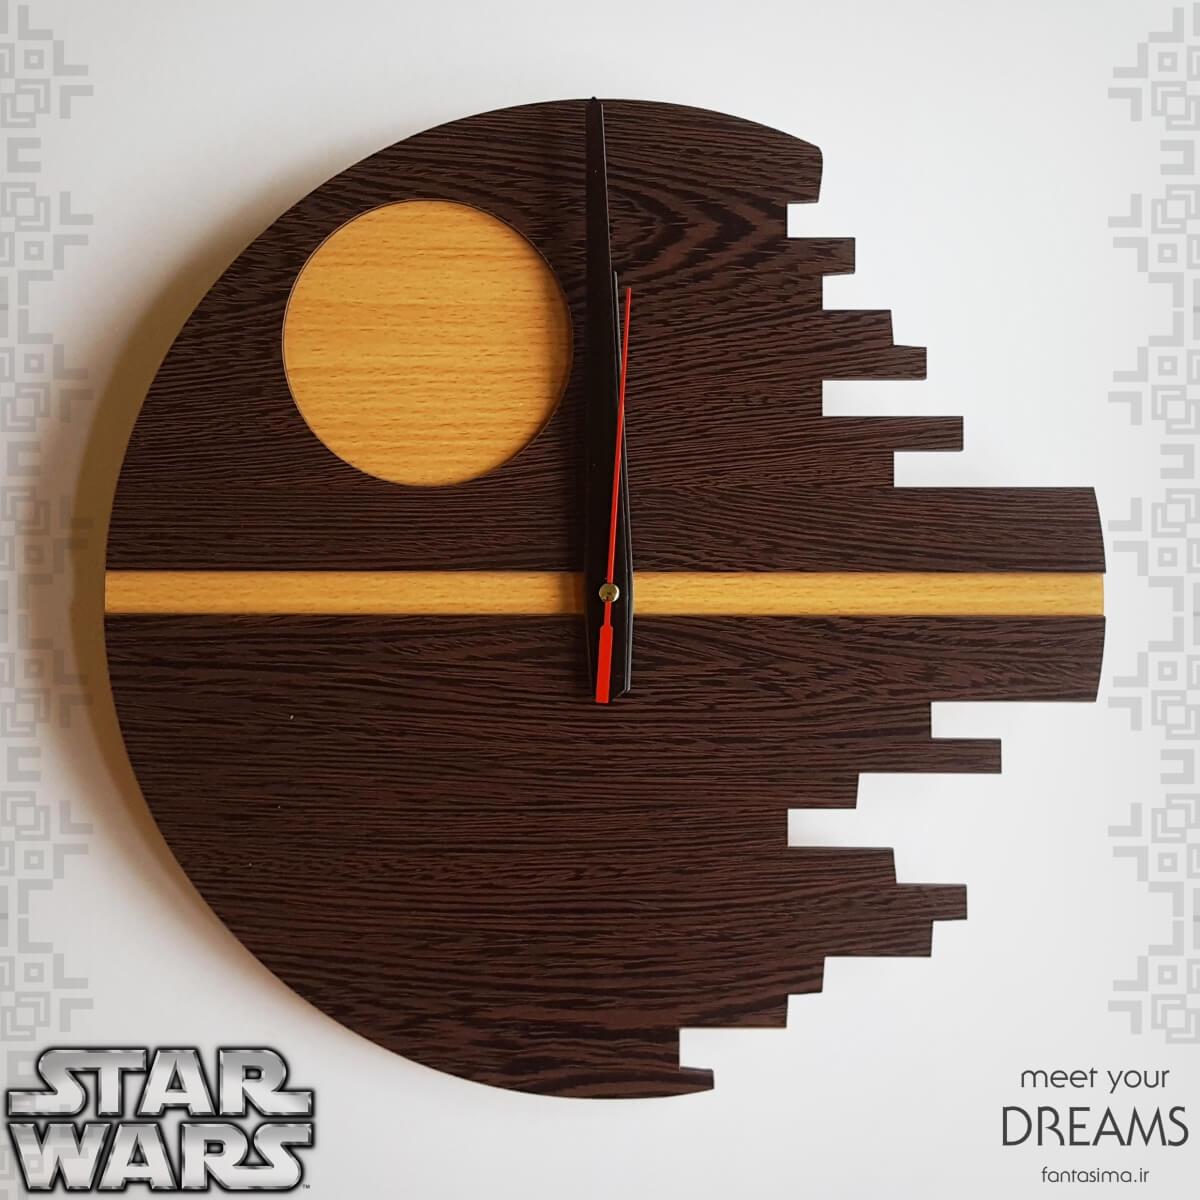 فانتزیآرت ساعت دیواری ستاره مرگ